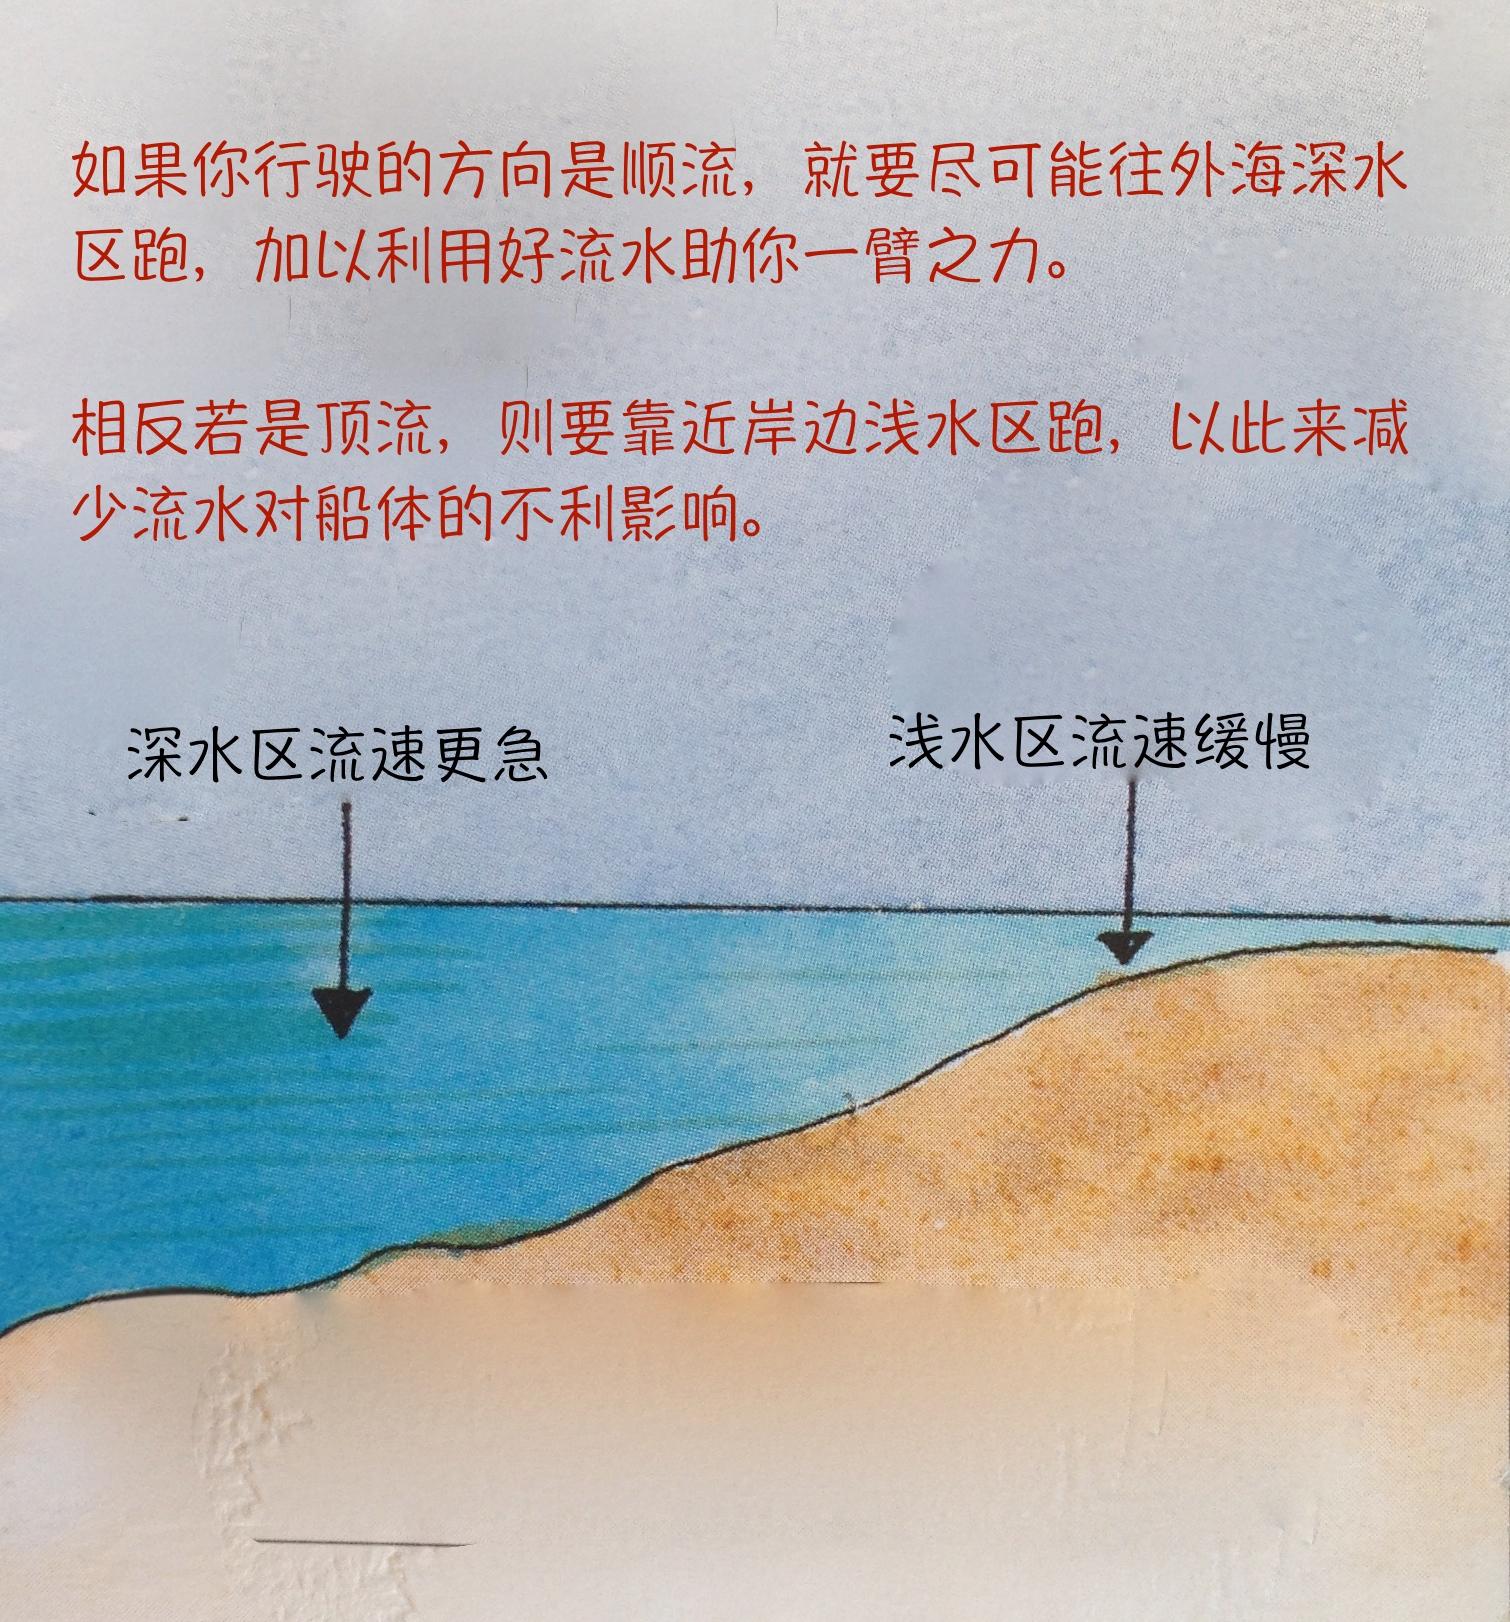 图片,测量,影响 怎么测量出流水的方向与速度?流水有什么作用?又有哪些影响呢? 42c.jpg